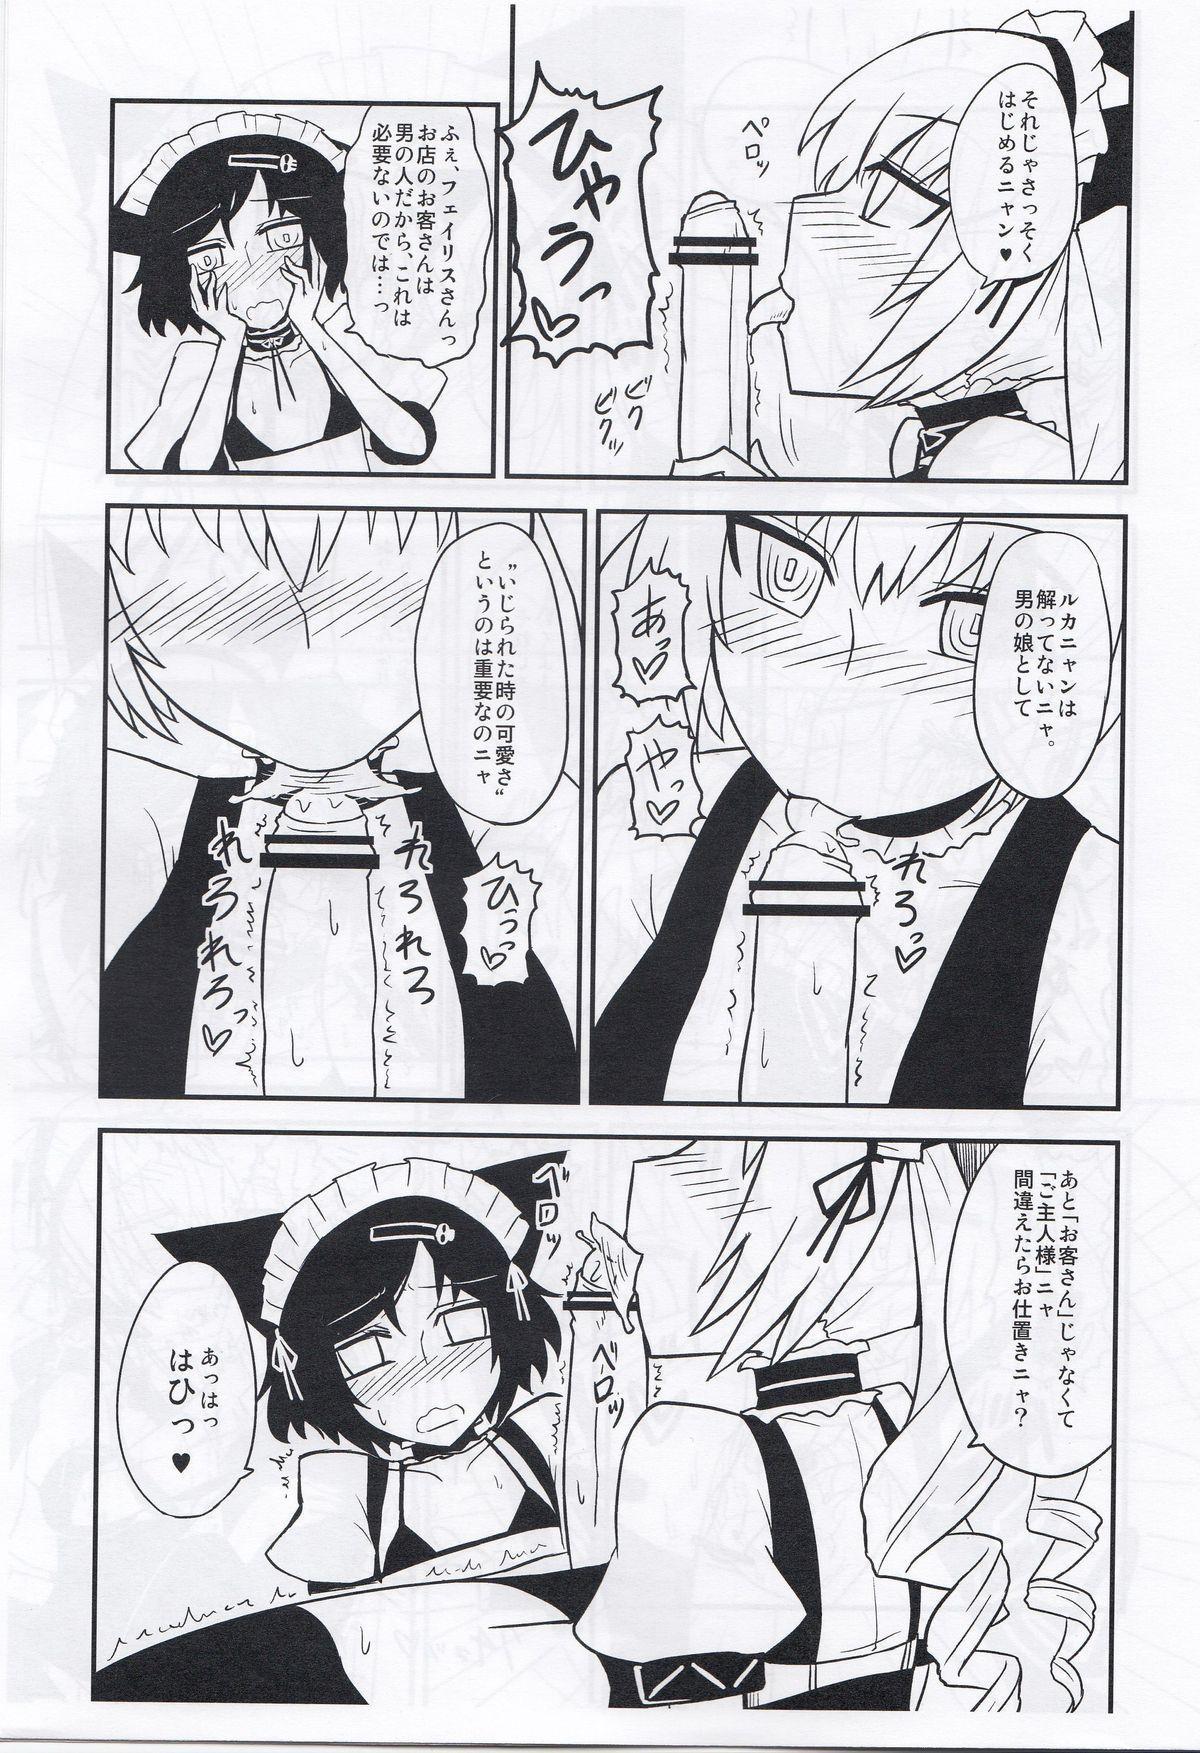 性欲飽和のらぶChu☆Chu! 2